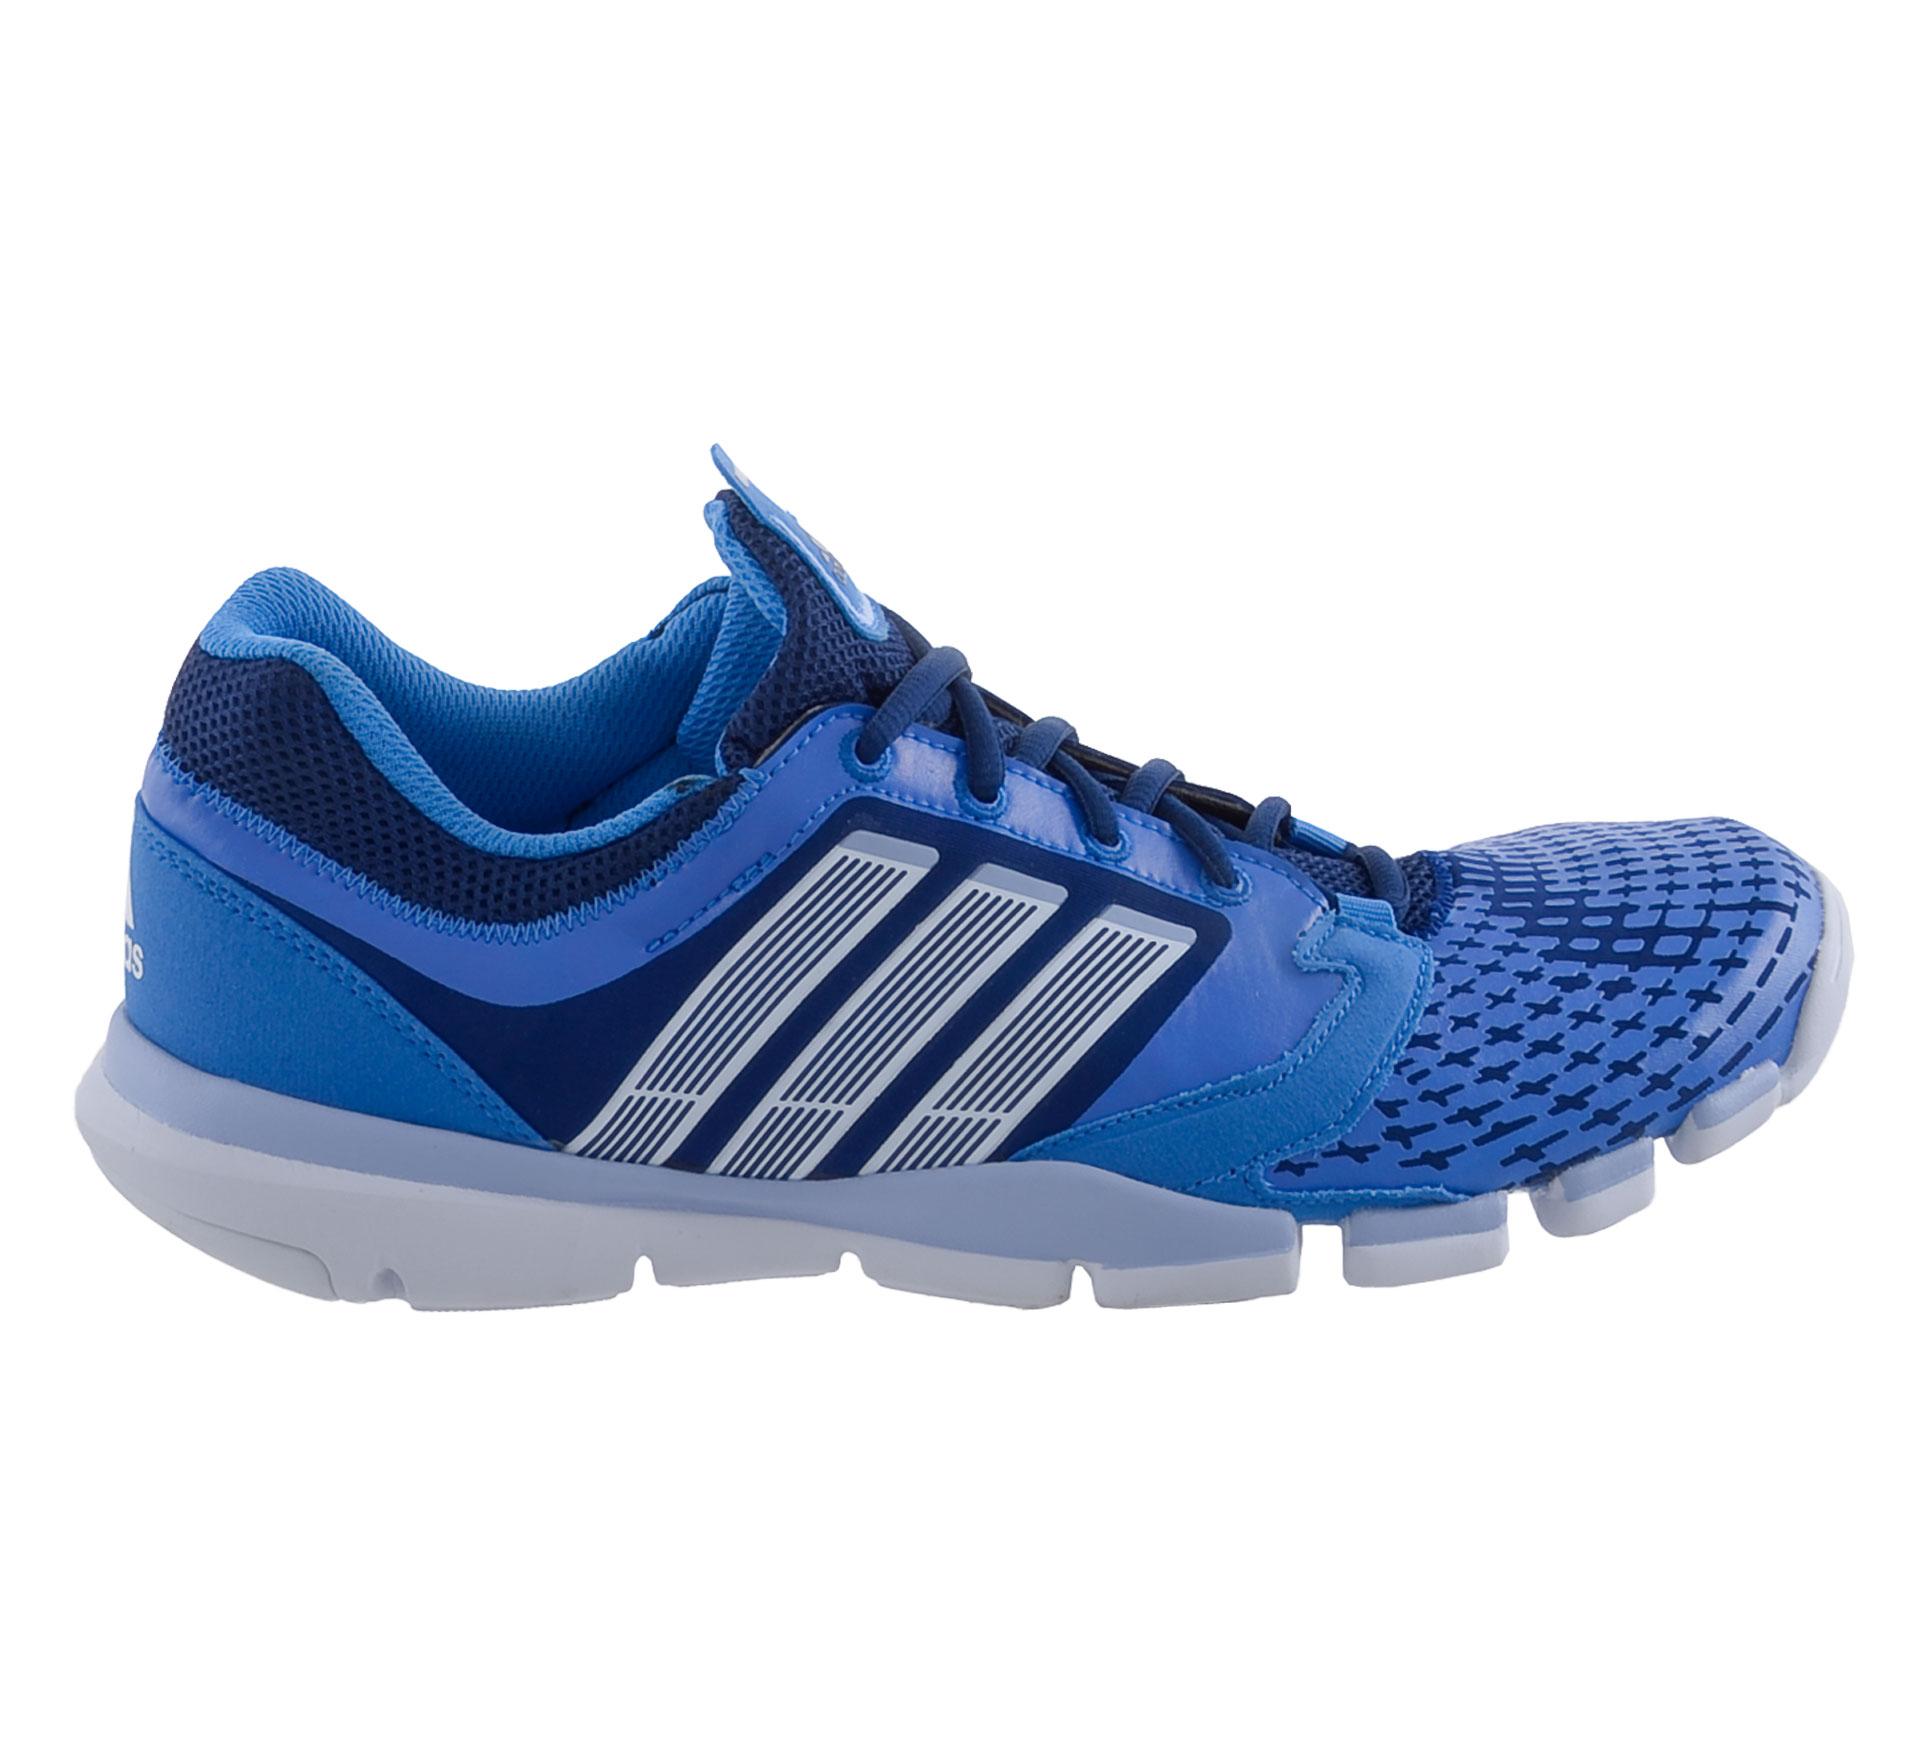 Adidas adipure Trainer 360 Fitness Schoenen Heren blauw - grijs